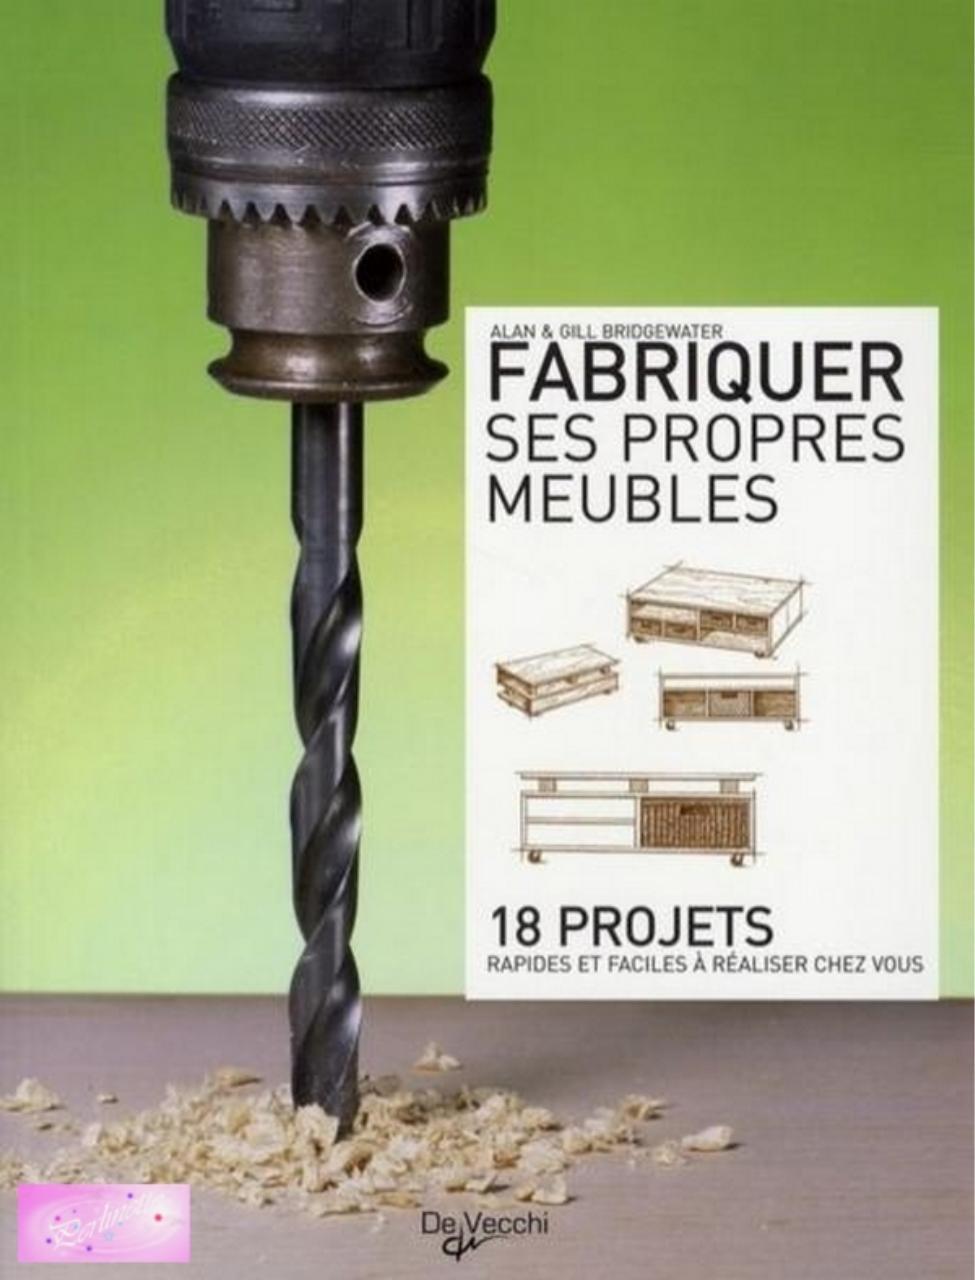 Fabriquer ses propres meubles fichier pdf - Fabriquer ses meubles ...